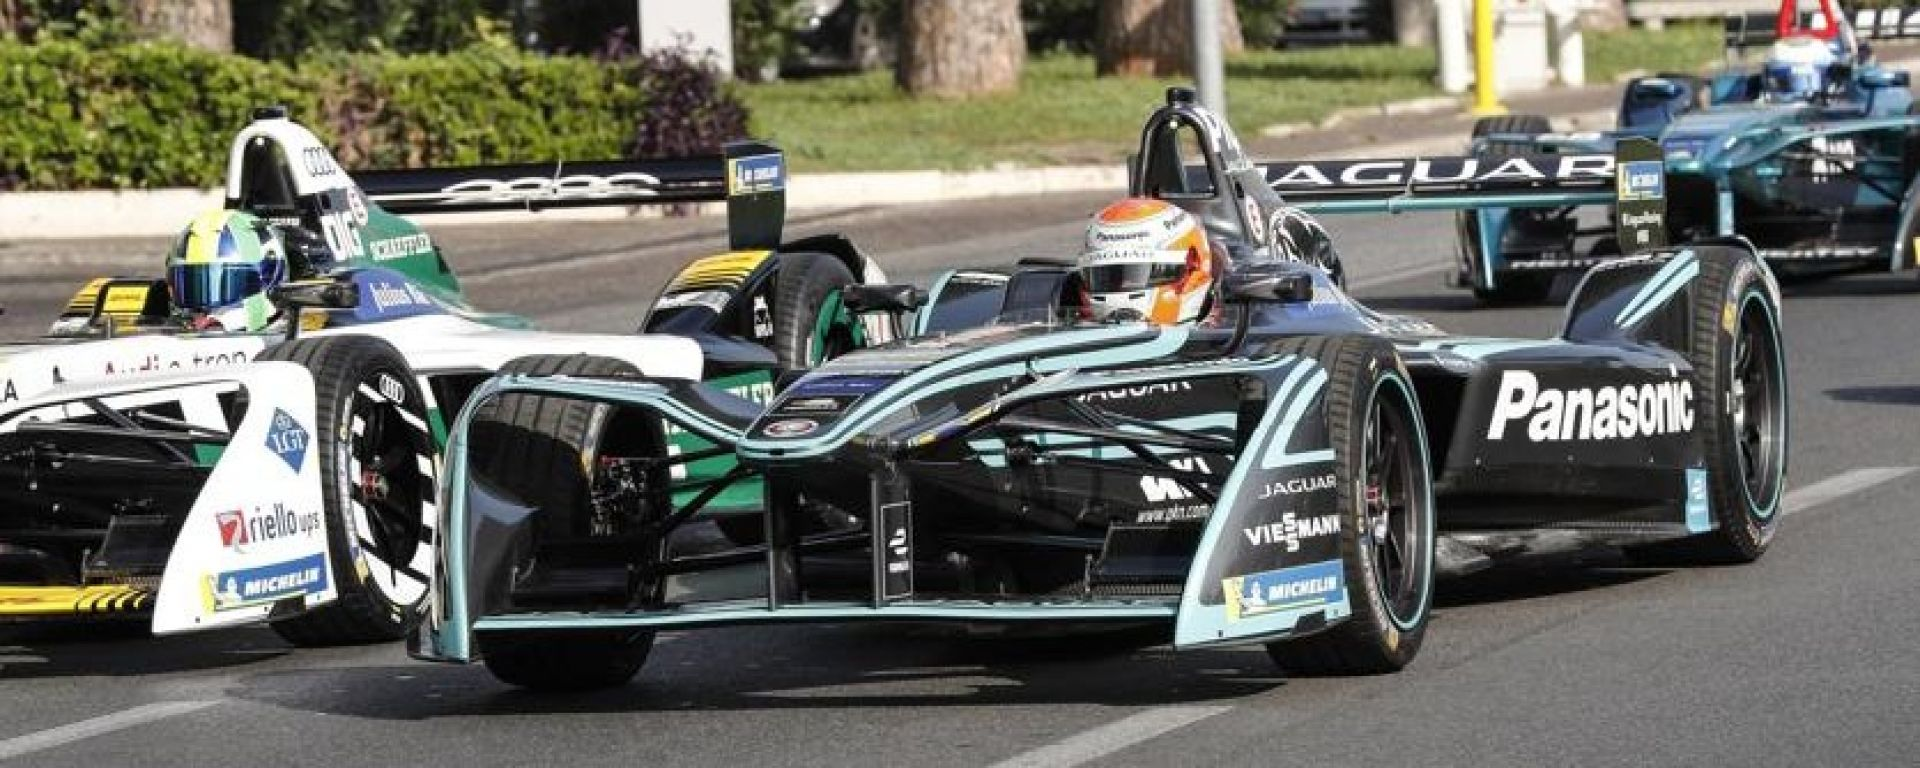 Formula E E-Prix Roma Italia, tutte le info: orari, risultati, qualifica, gara